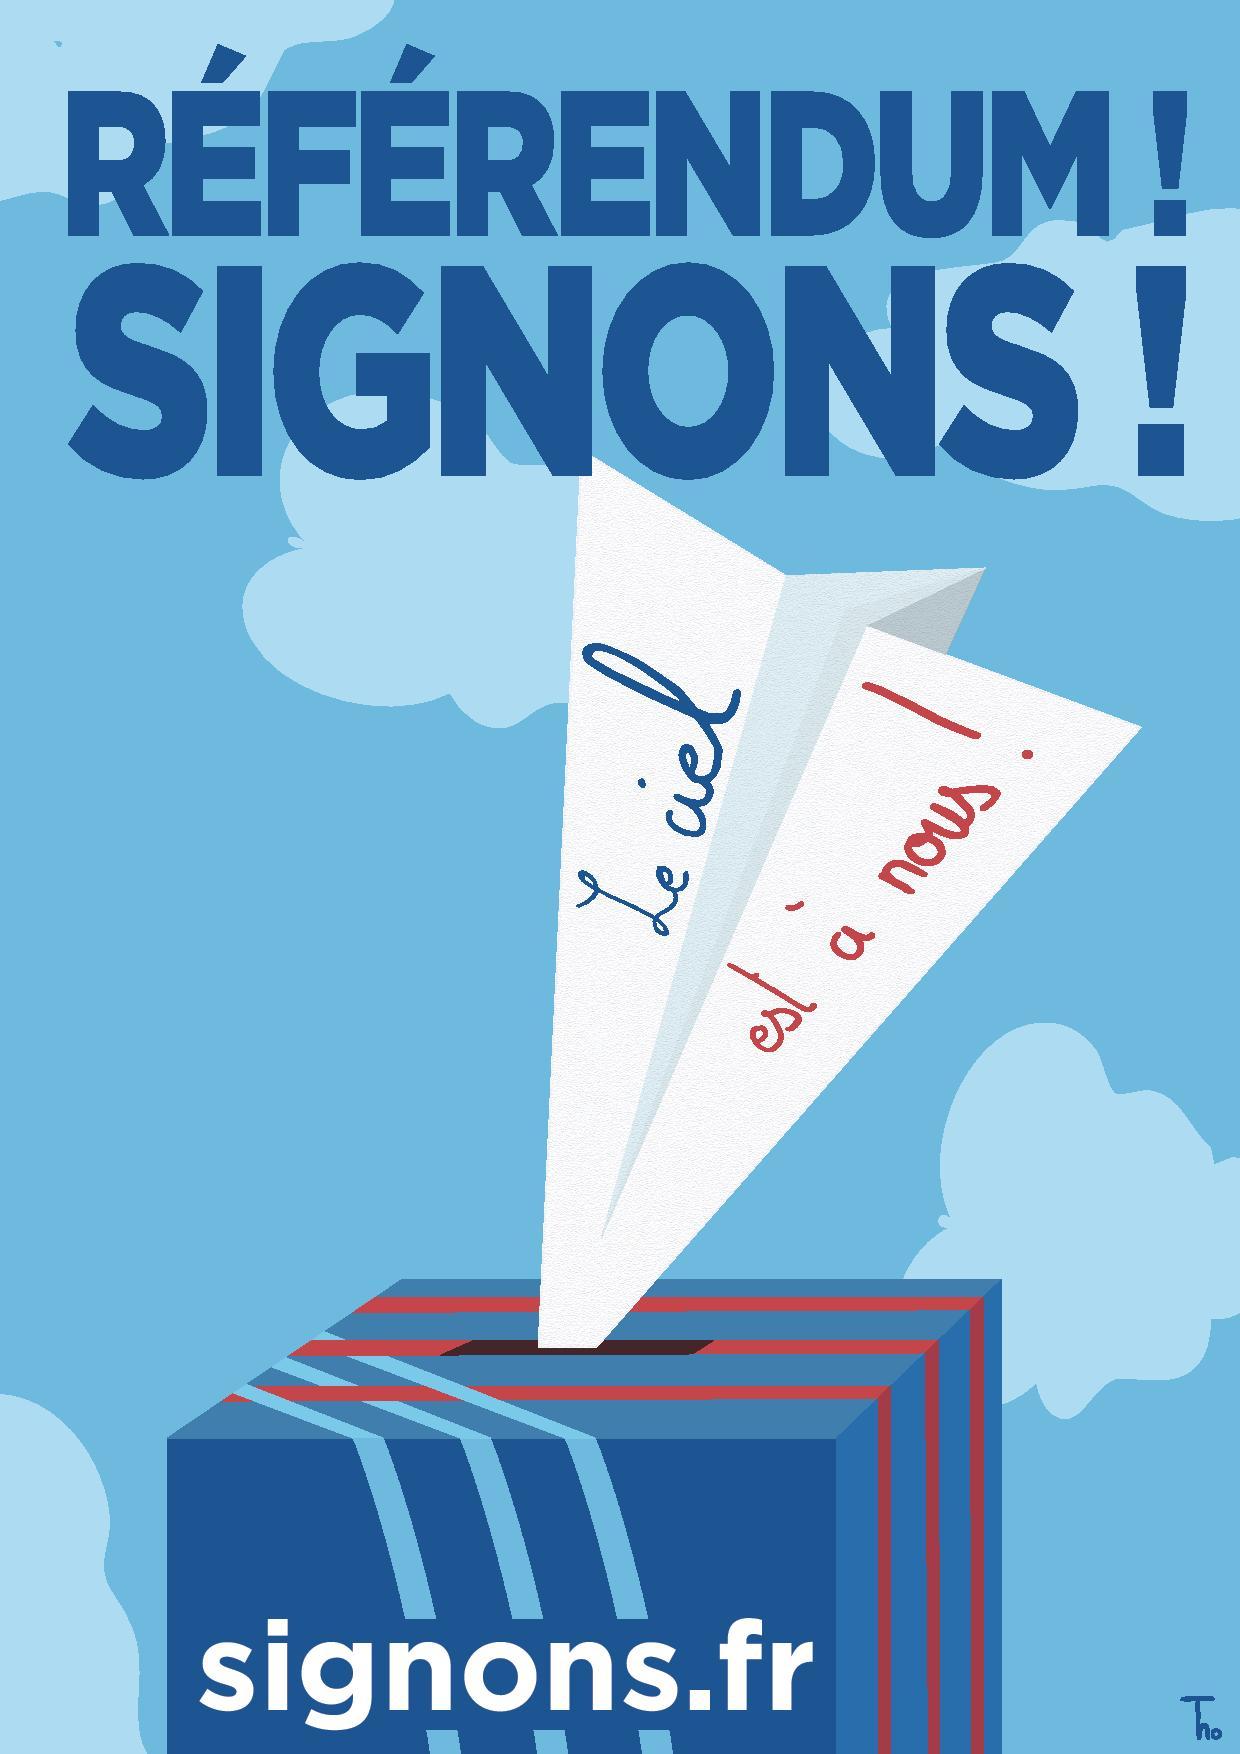 (1) Aéroport de PARIS : ADP le réferendum Signons !